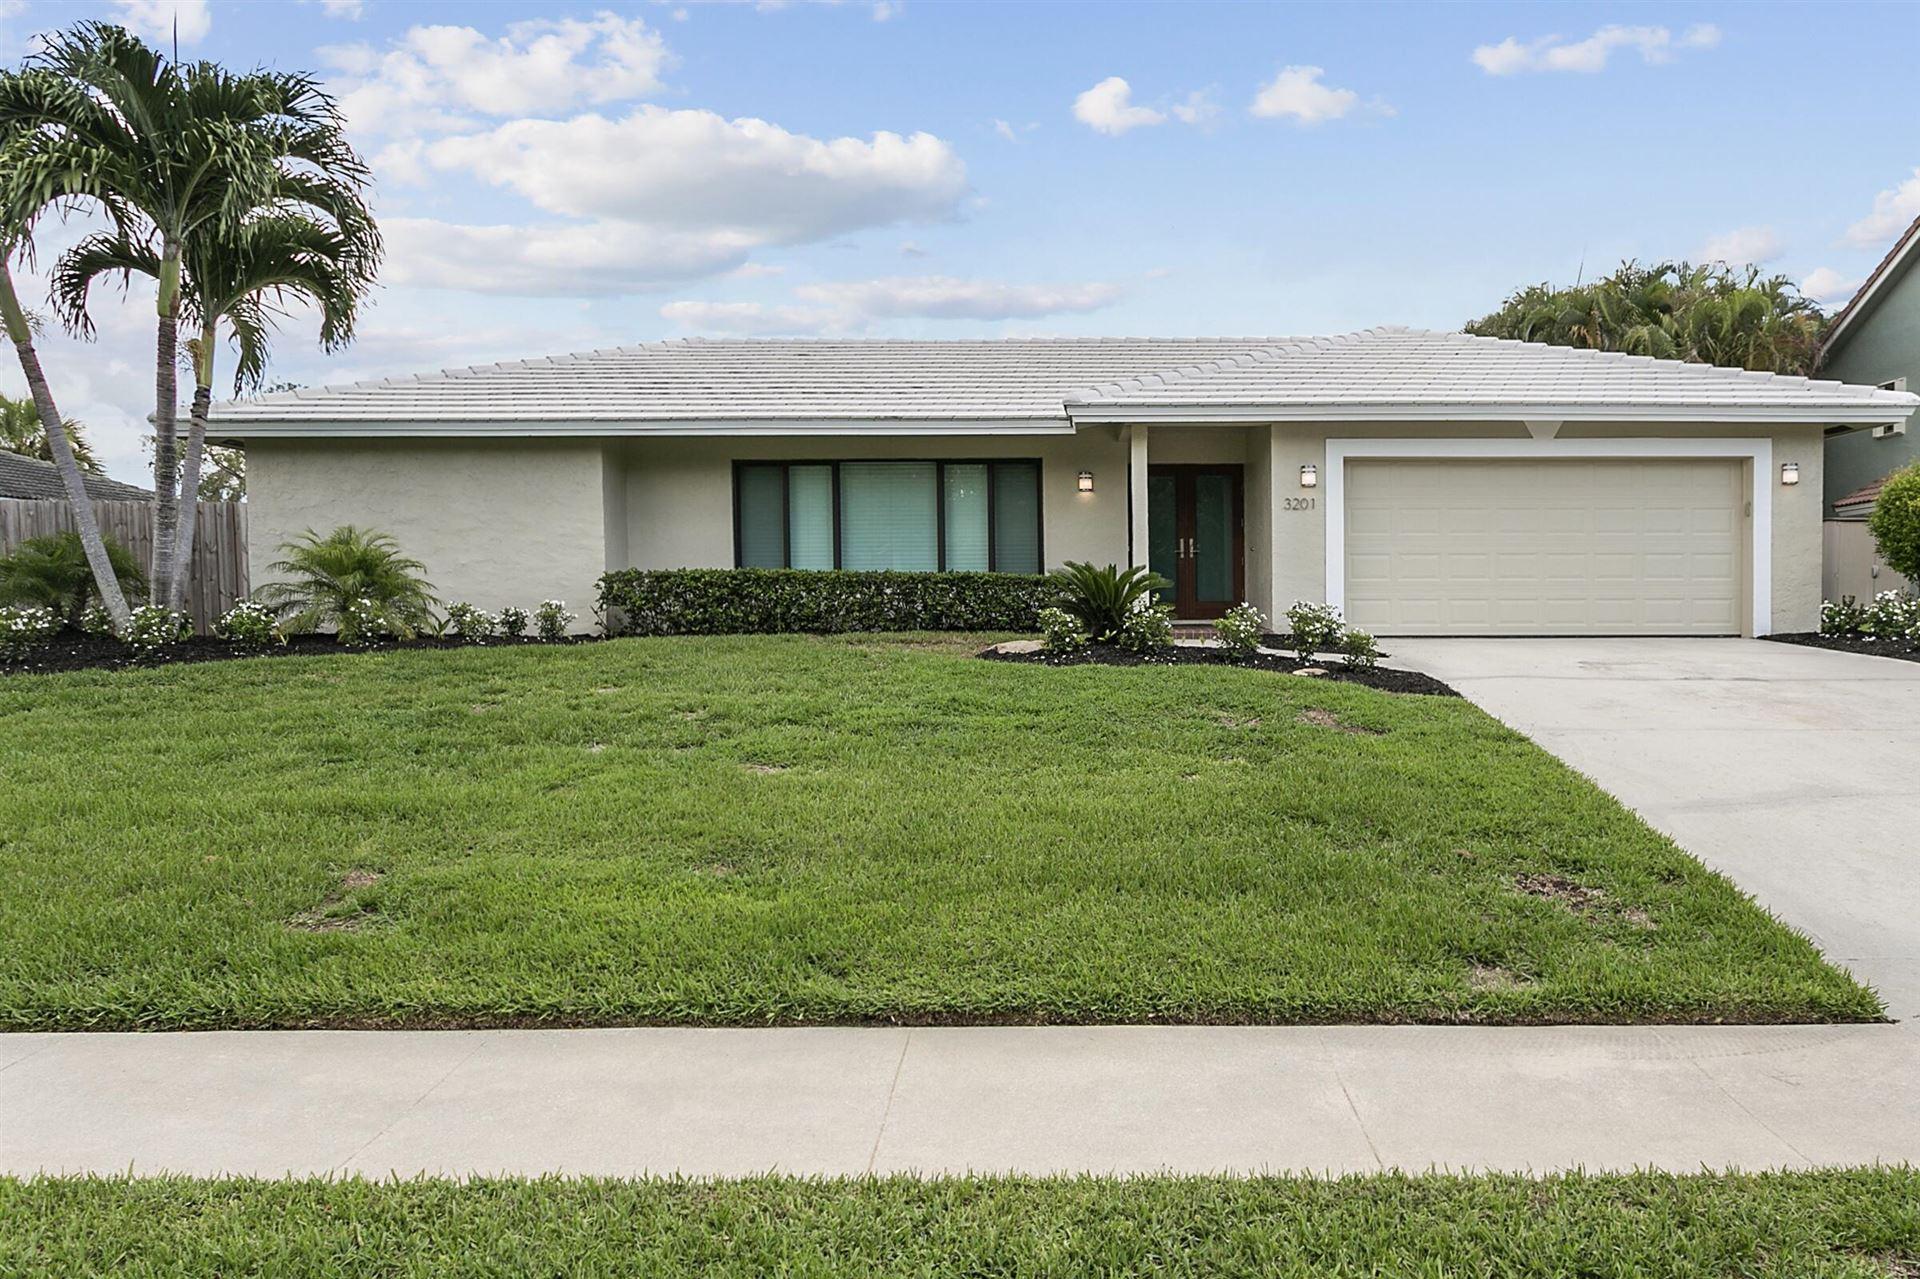 3201 Lakeview Drive, Delray Beach, FL 33445 - #: RX-10749501